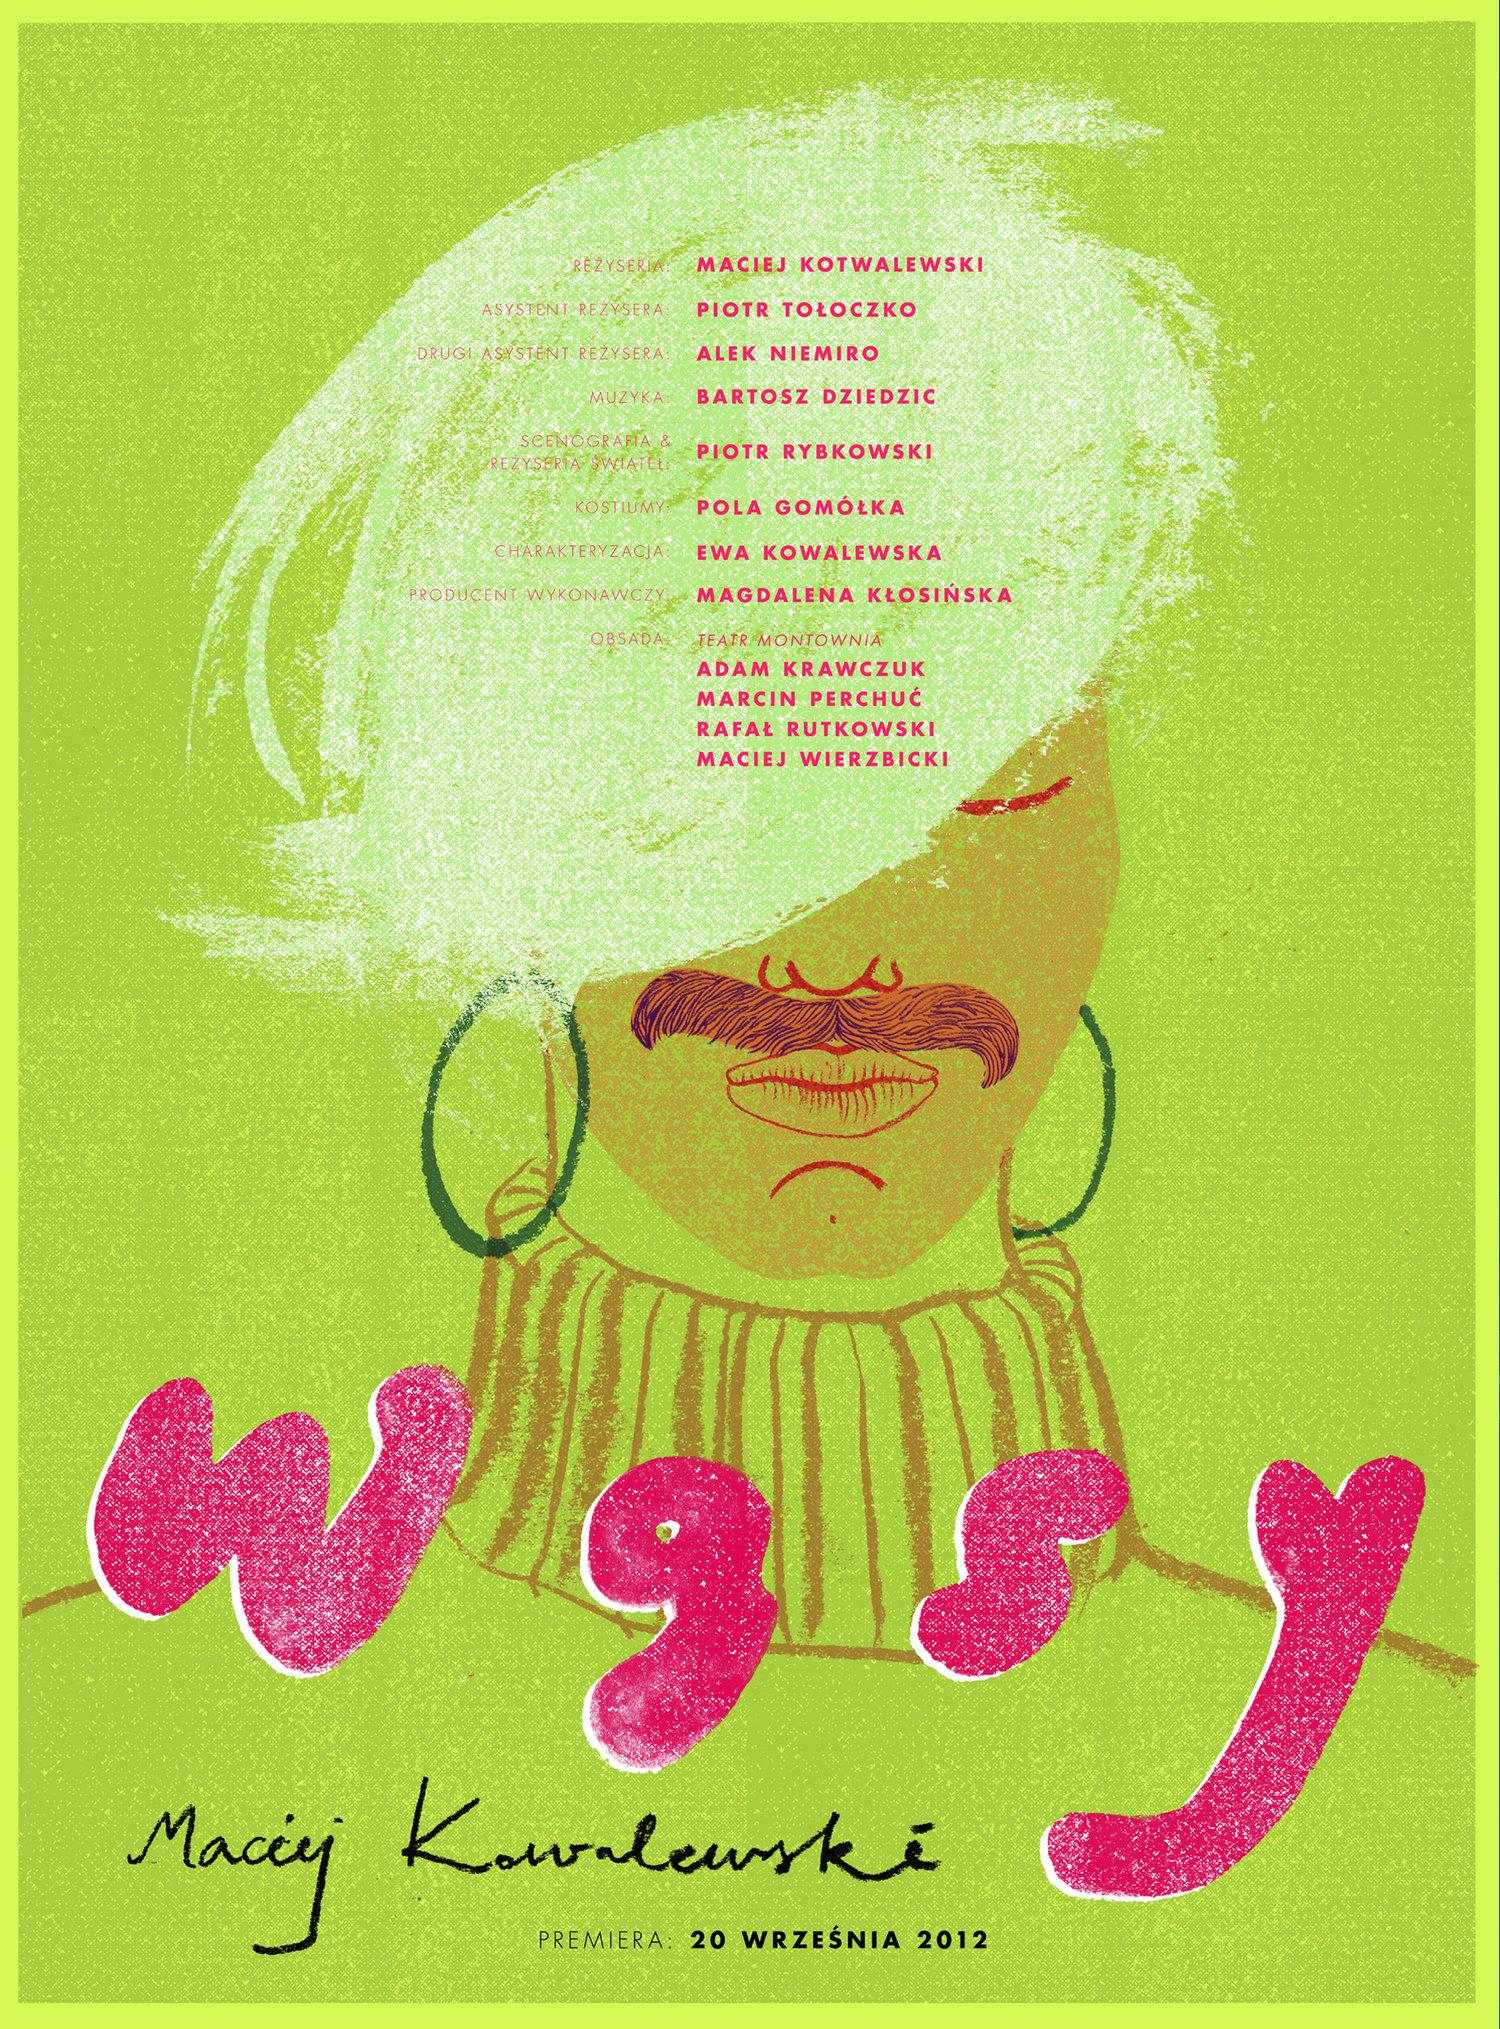 Wasy_Poster4.jpg